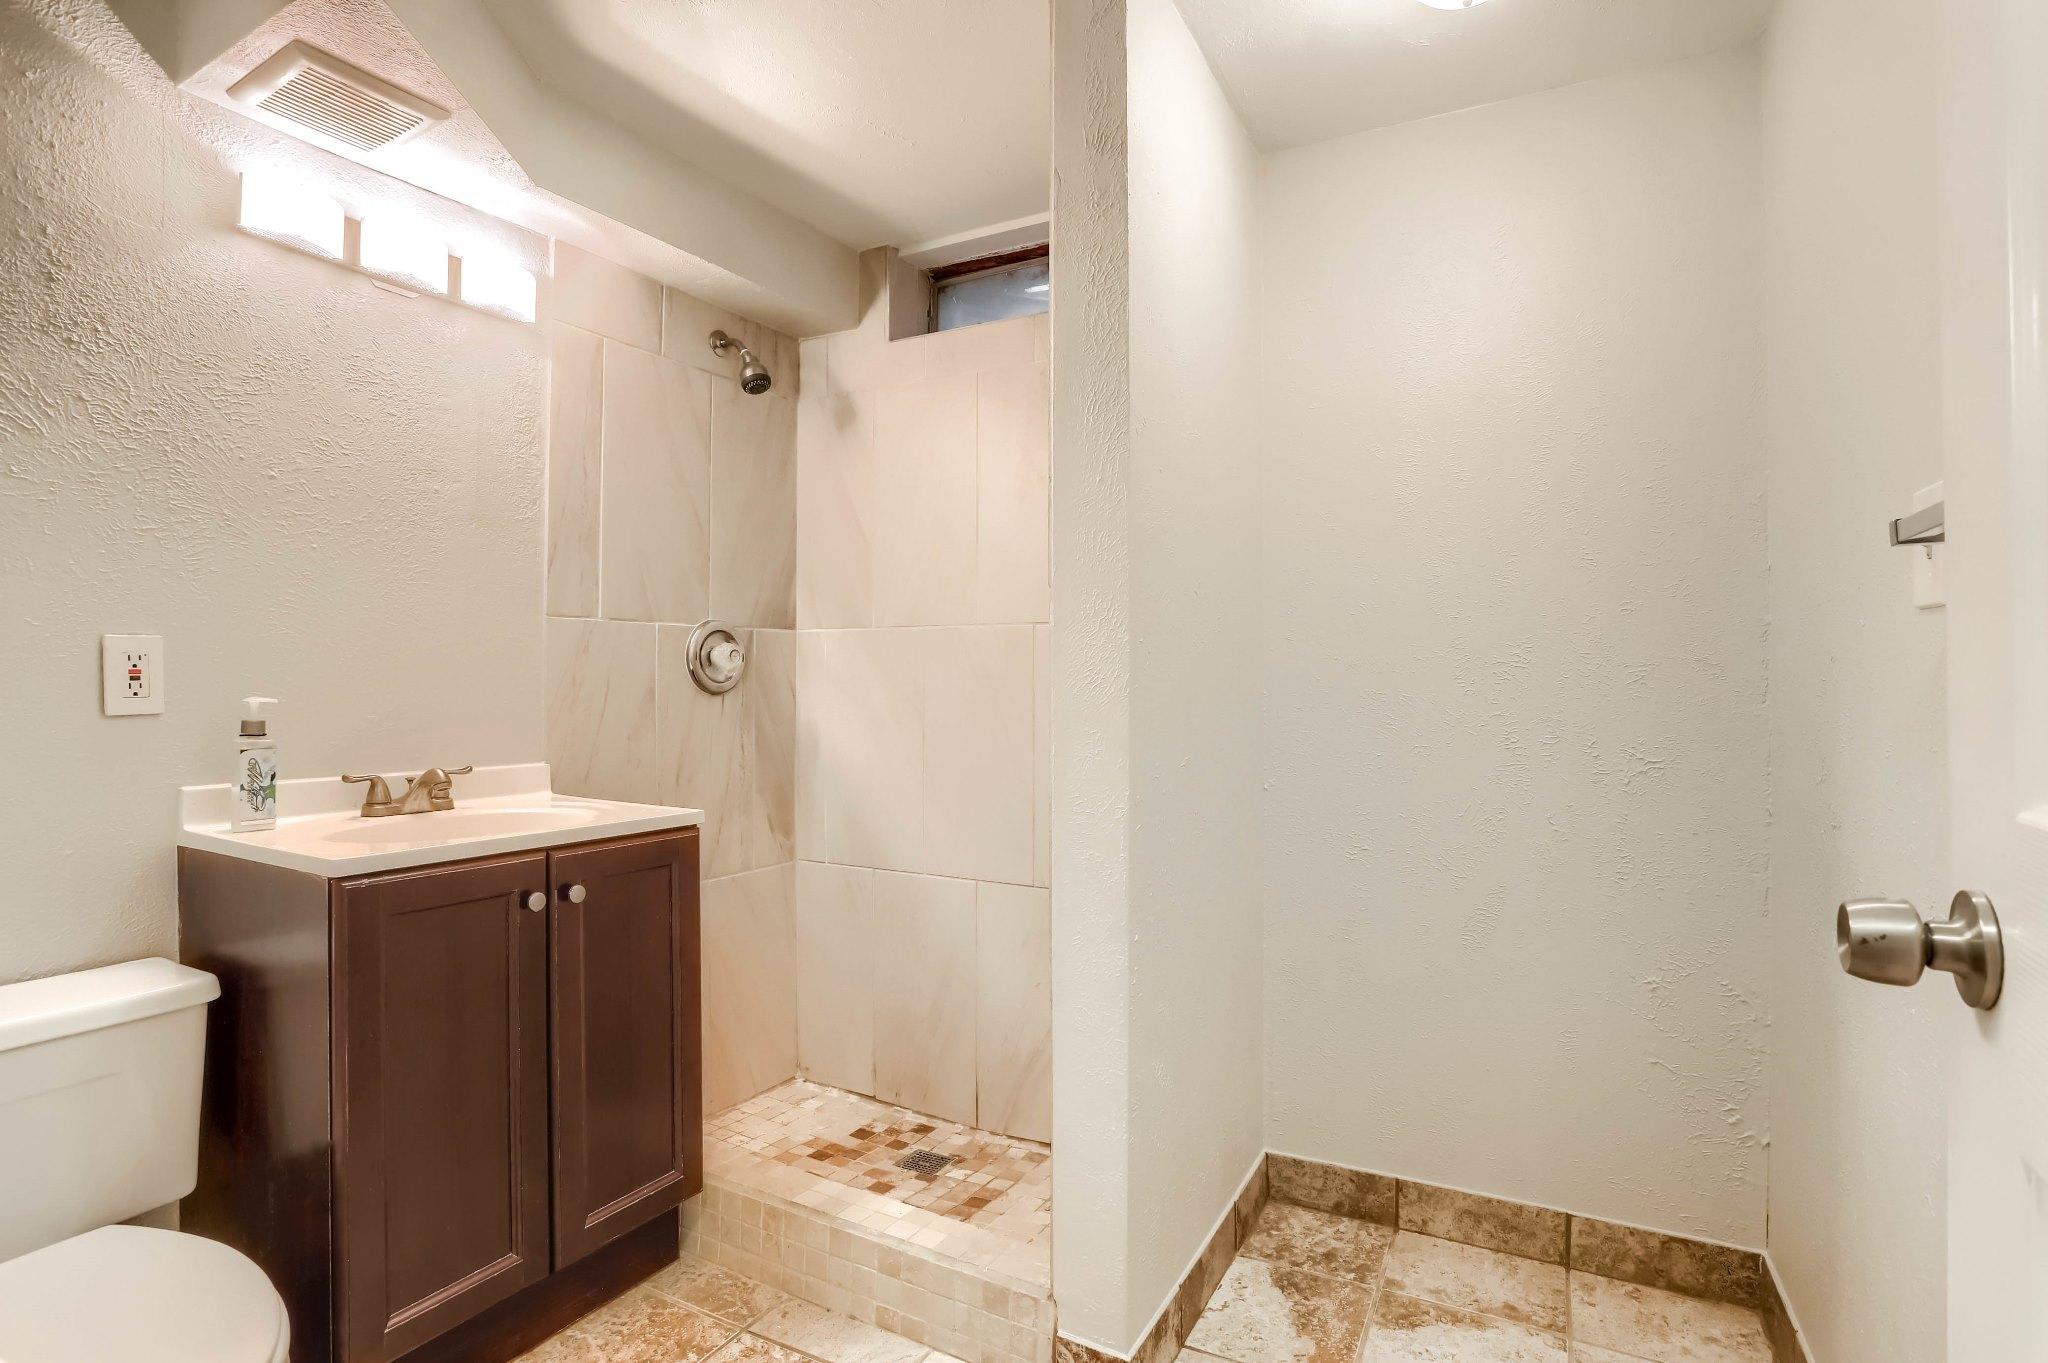 REAL ESTATE LISTING: 1309 Douglas Dr Denver Remodeled Basement Bath